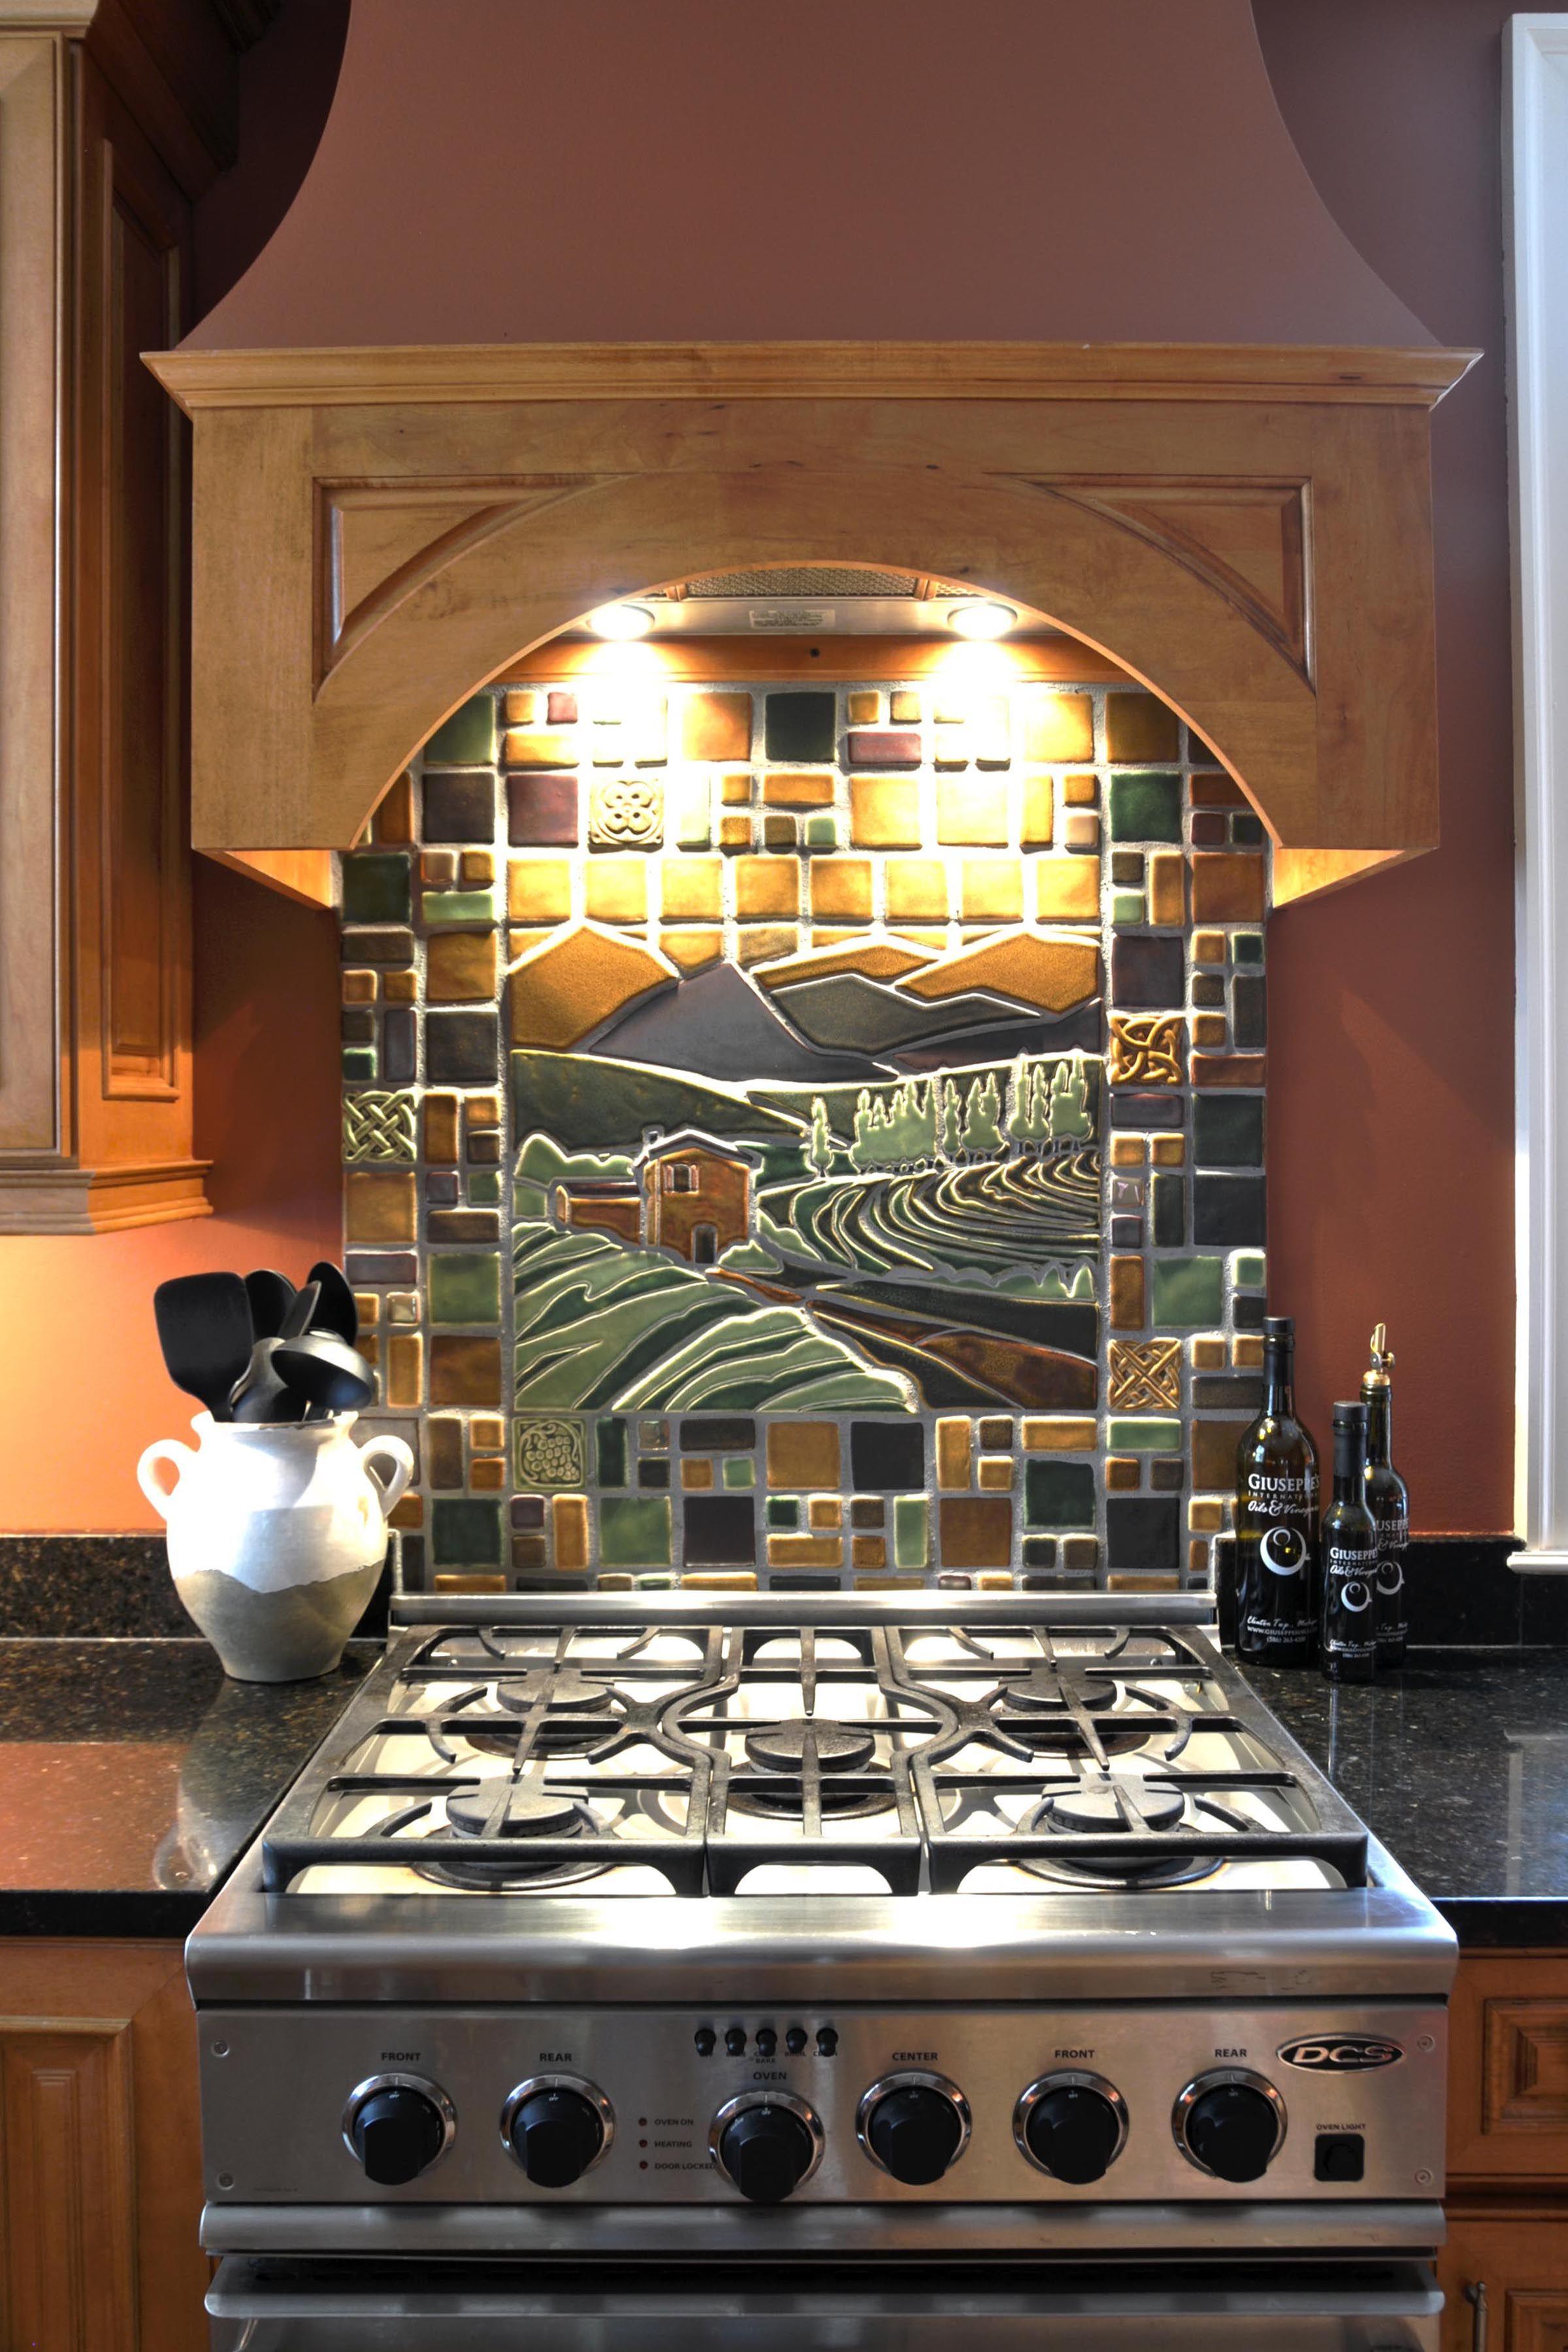 pewabic tile mural part of a kitchen